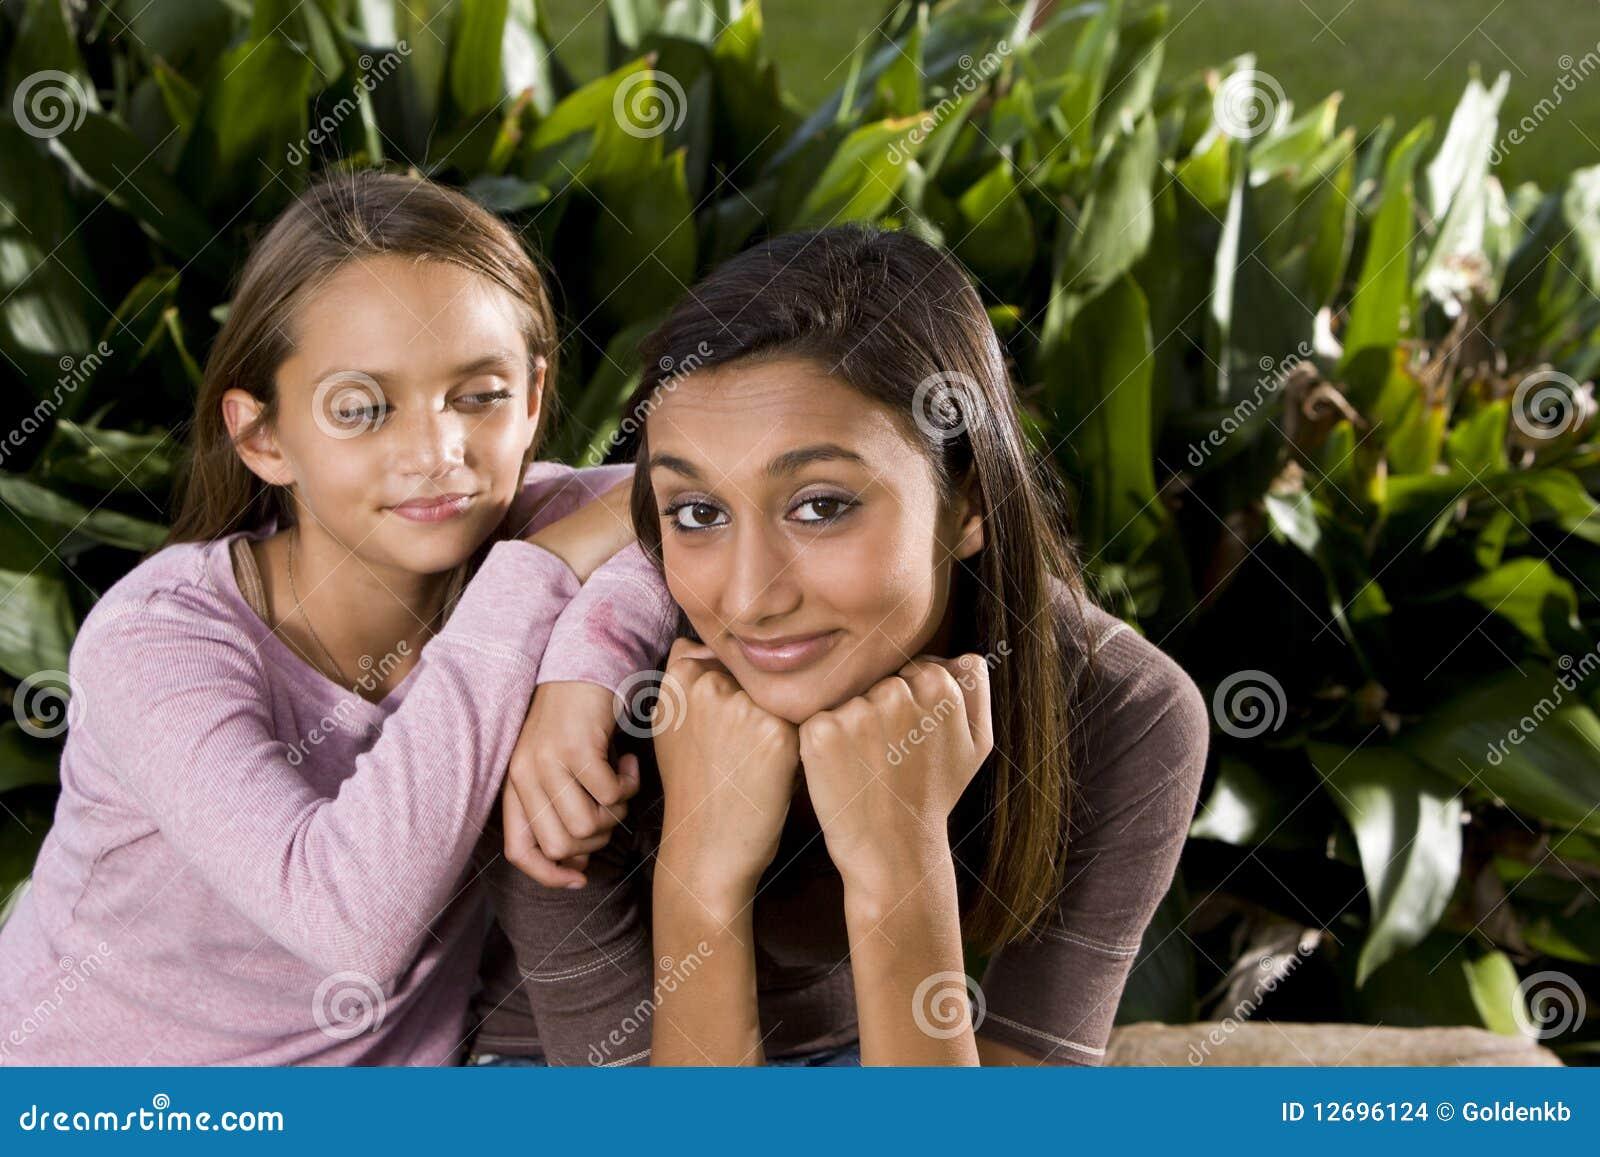 Adolescente indiano da misturado-raça bonita com mais novo